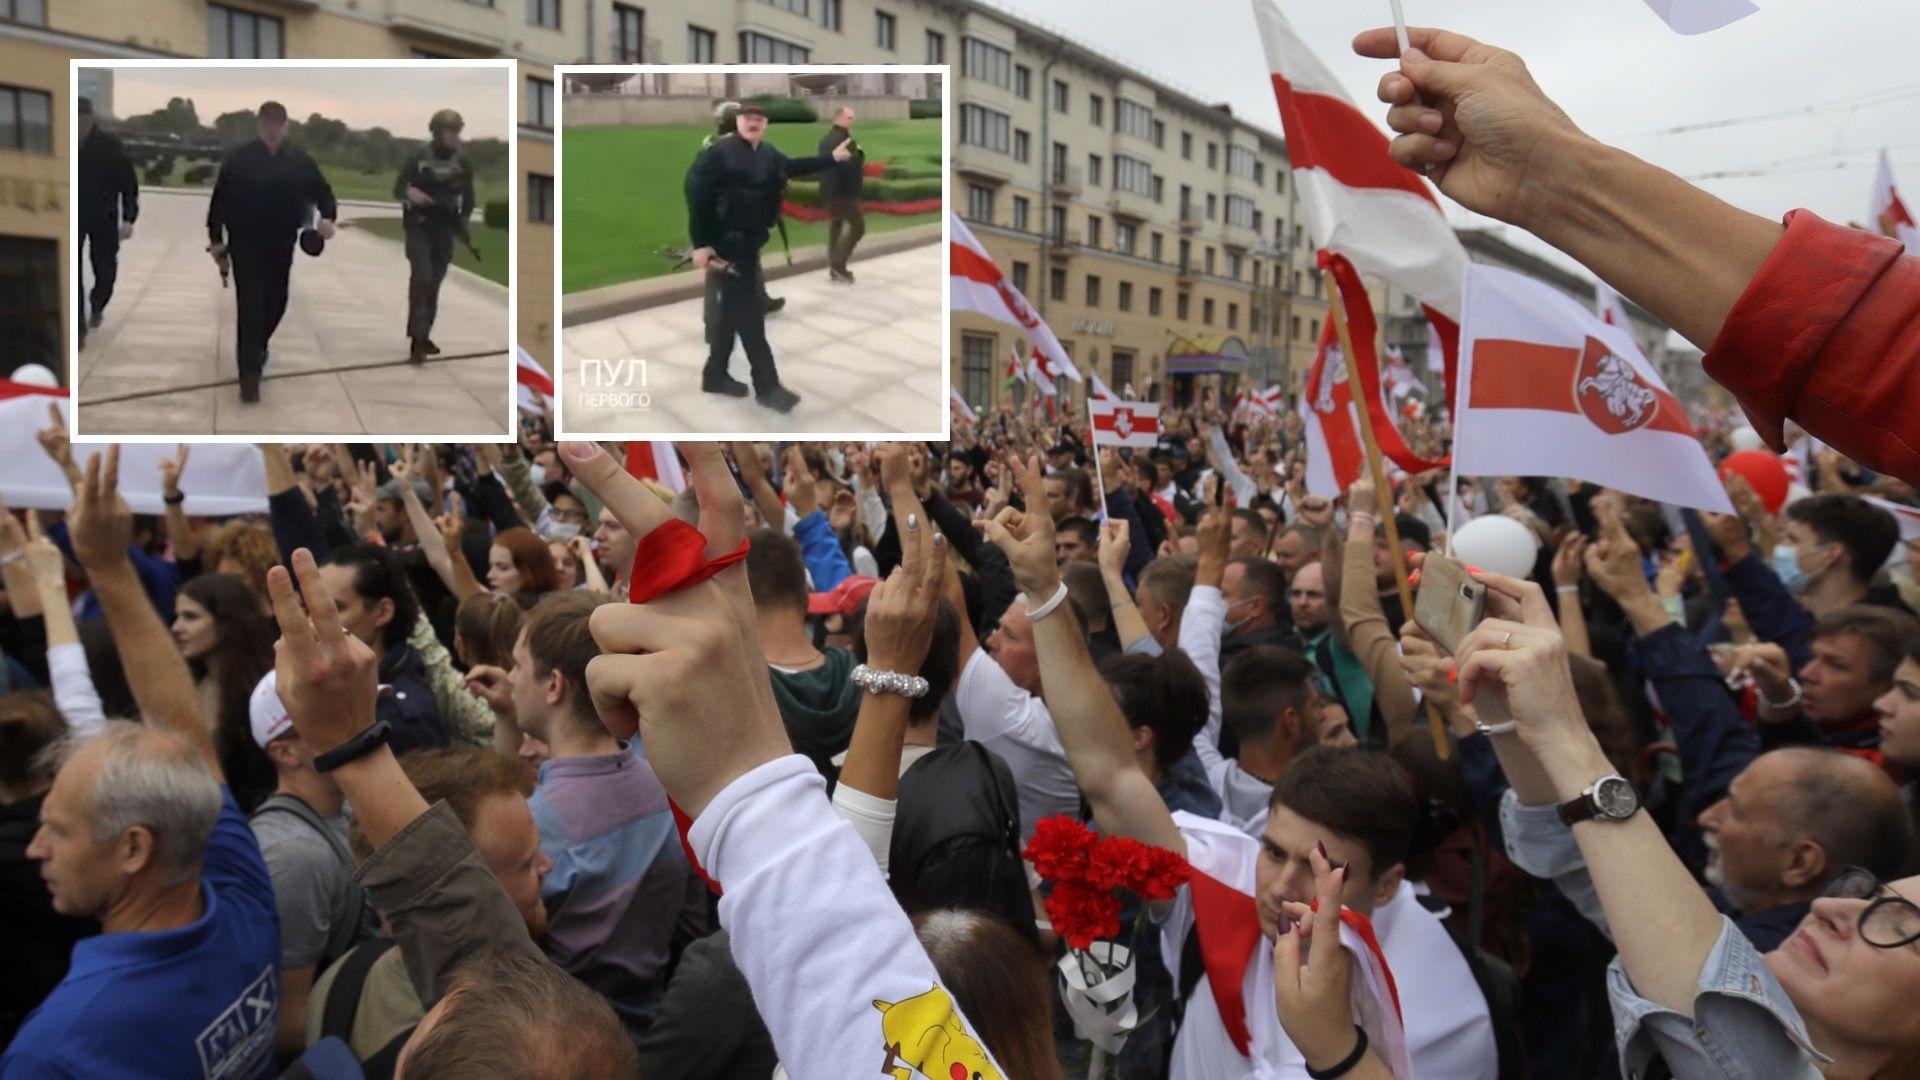 Над 100 000 в центъра на Минск, Лукашенко сниман с бронежилетка и автомат в ръка (видео)